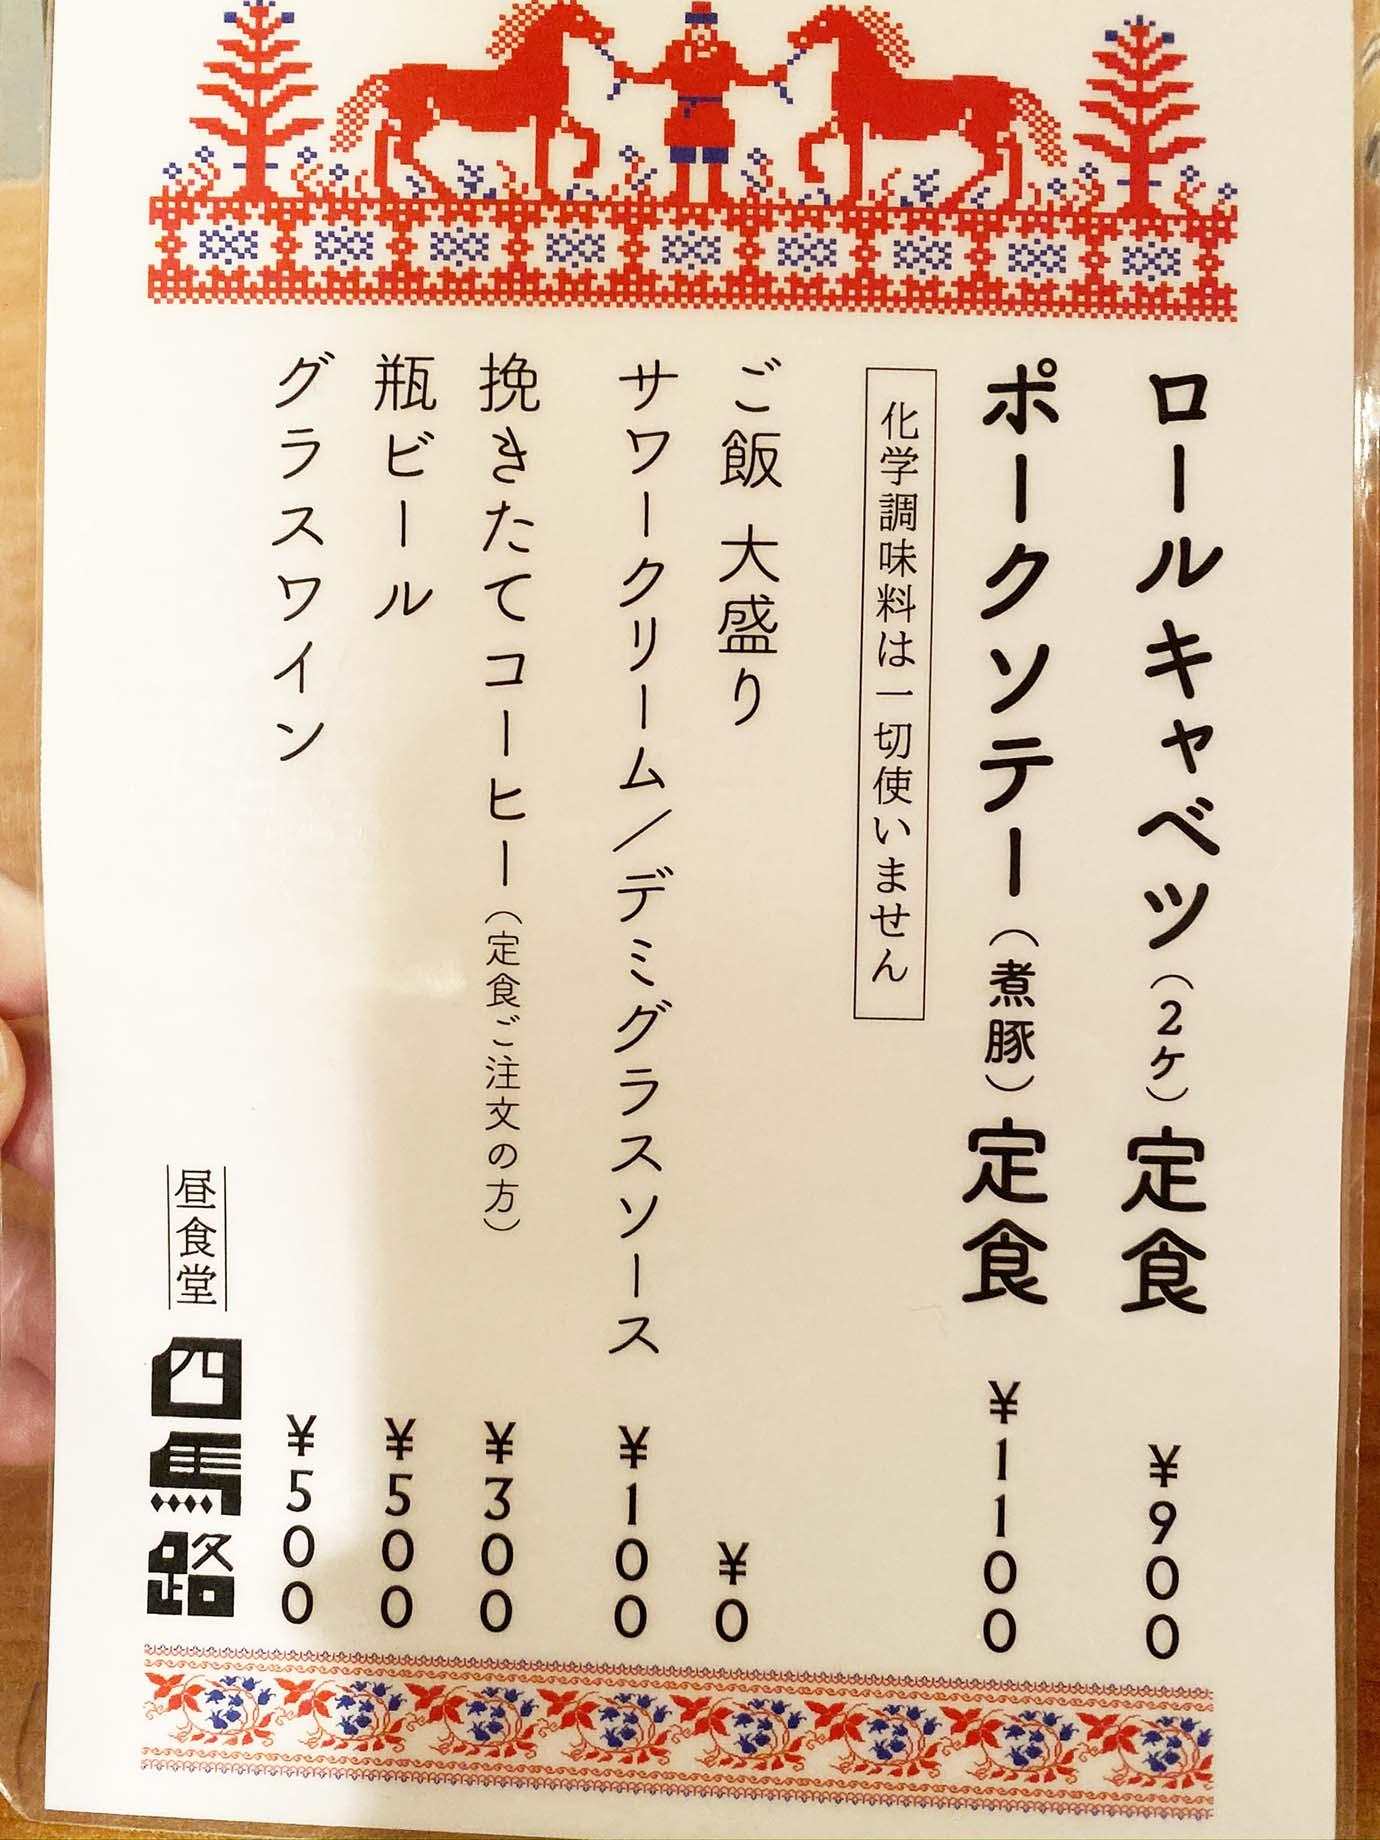 kodoku-no-gurume-season8-ginza-roll-cabbage11